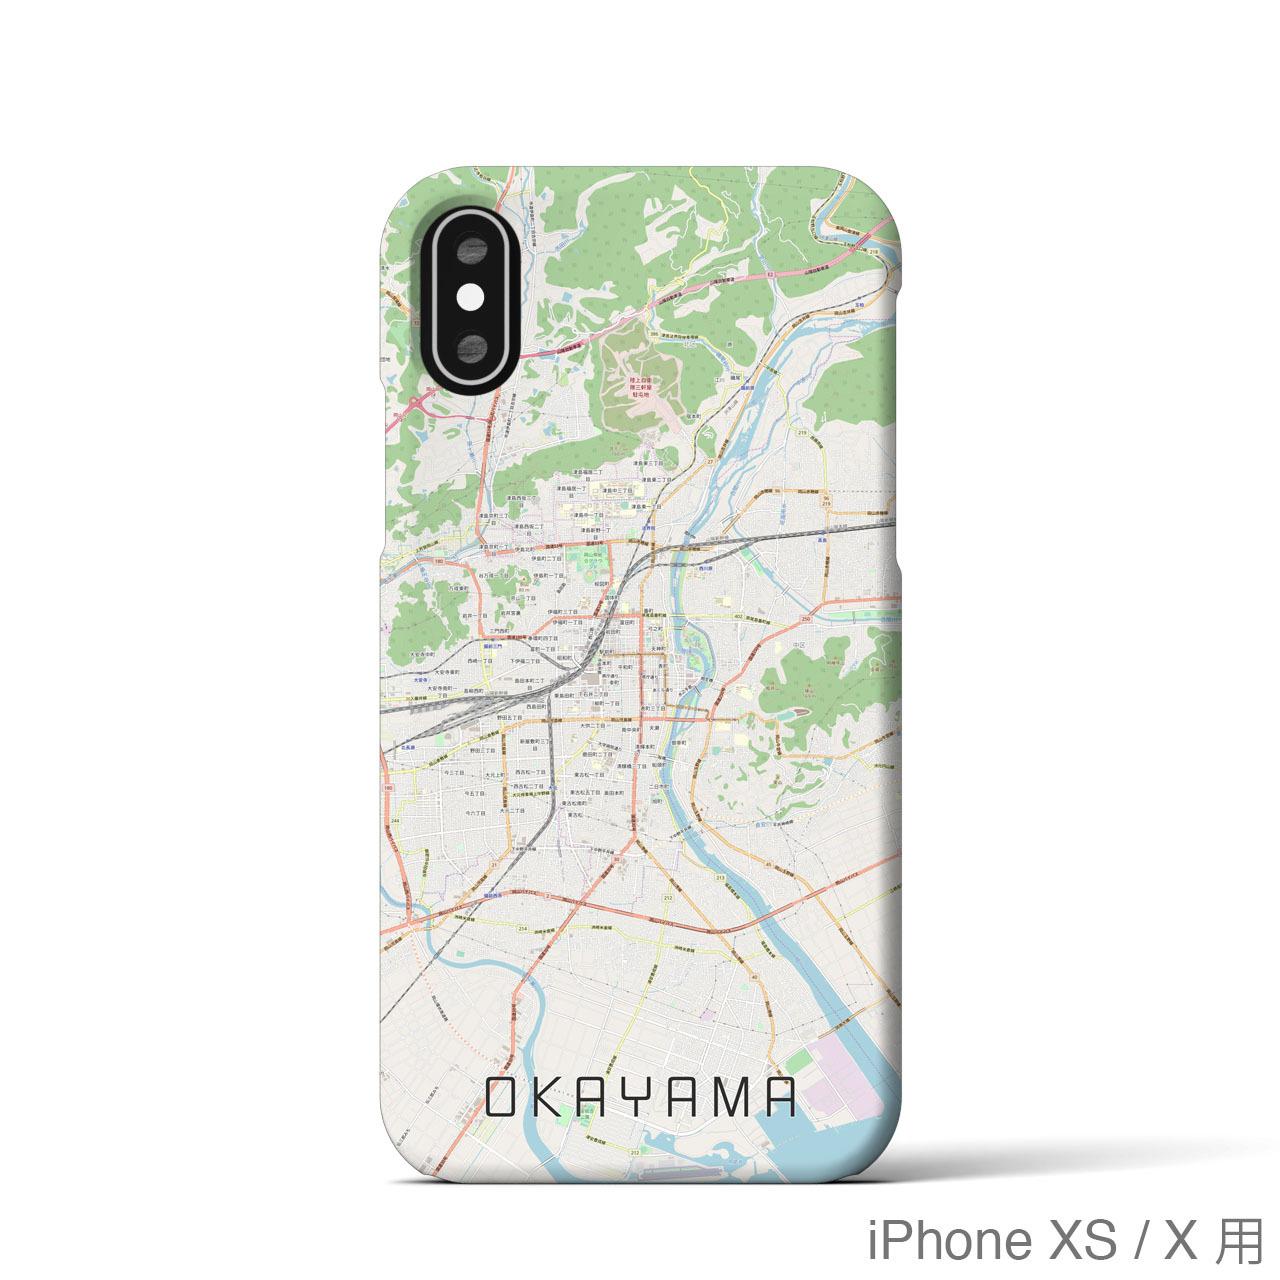 【岡山】地図柄iPhoneケース(バックカバータイプ・ナチュラル)